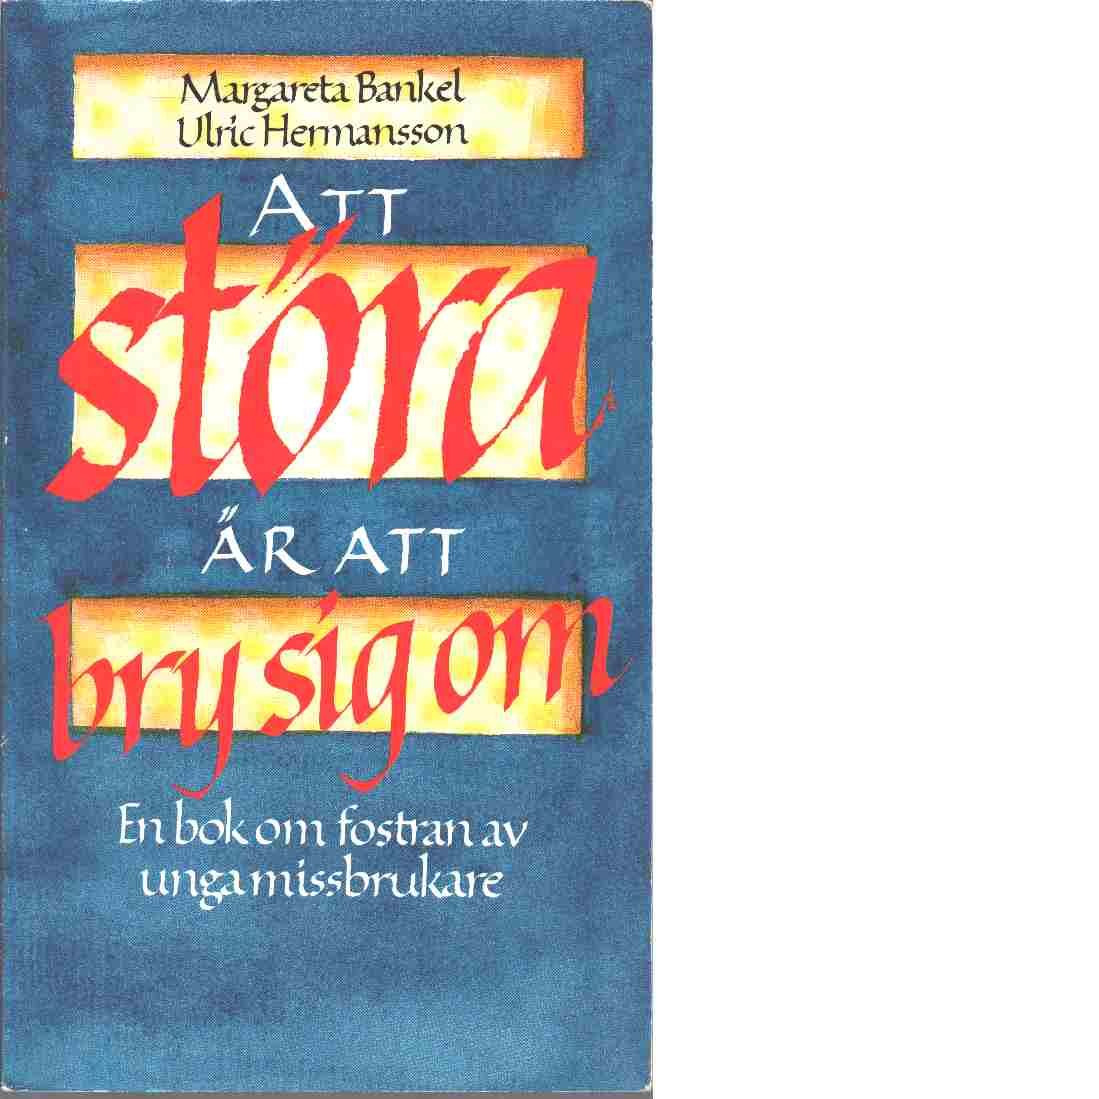 Att störa är att bry sig om - Bankel, Margareta och Hermansson, Ulric